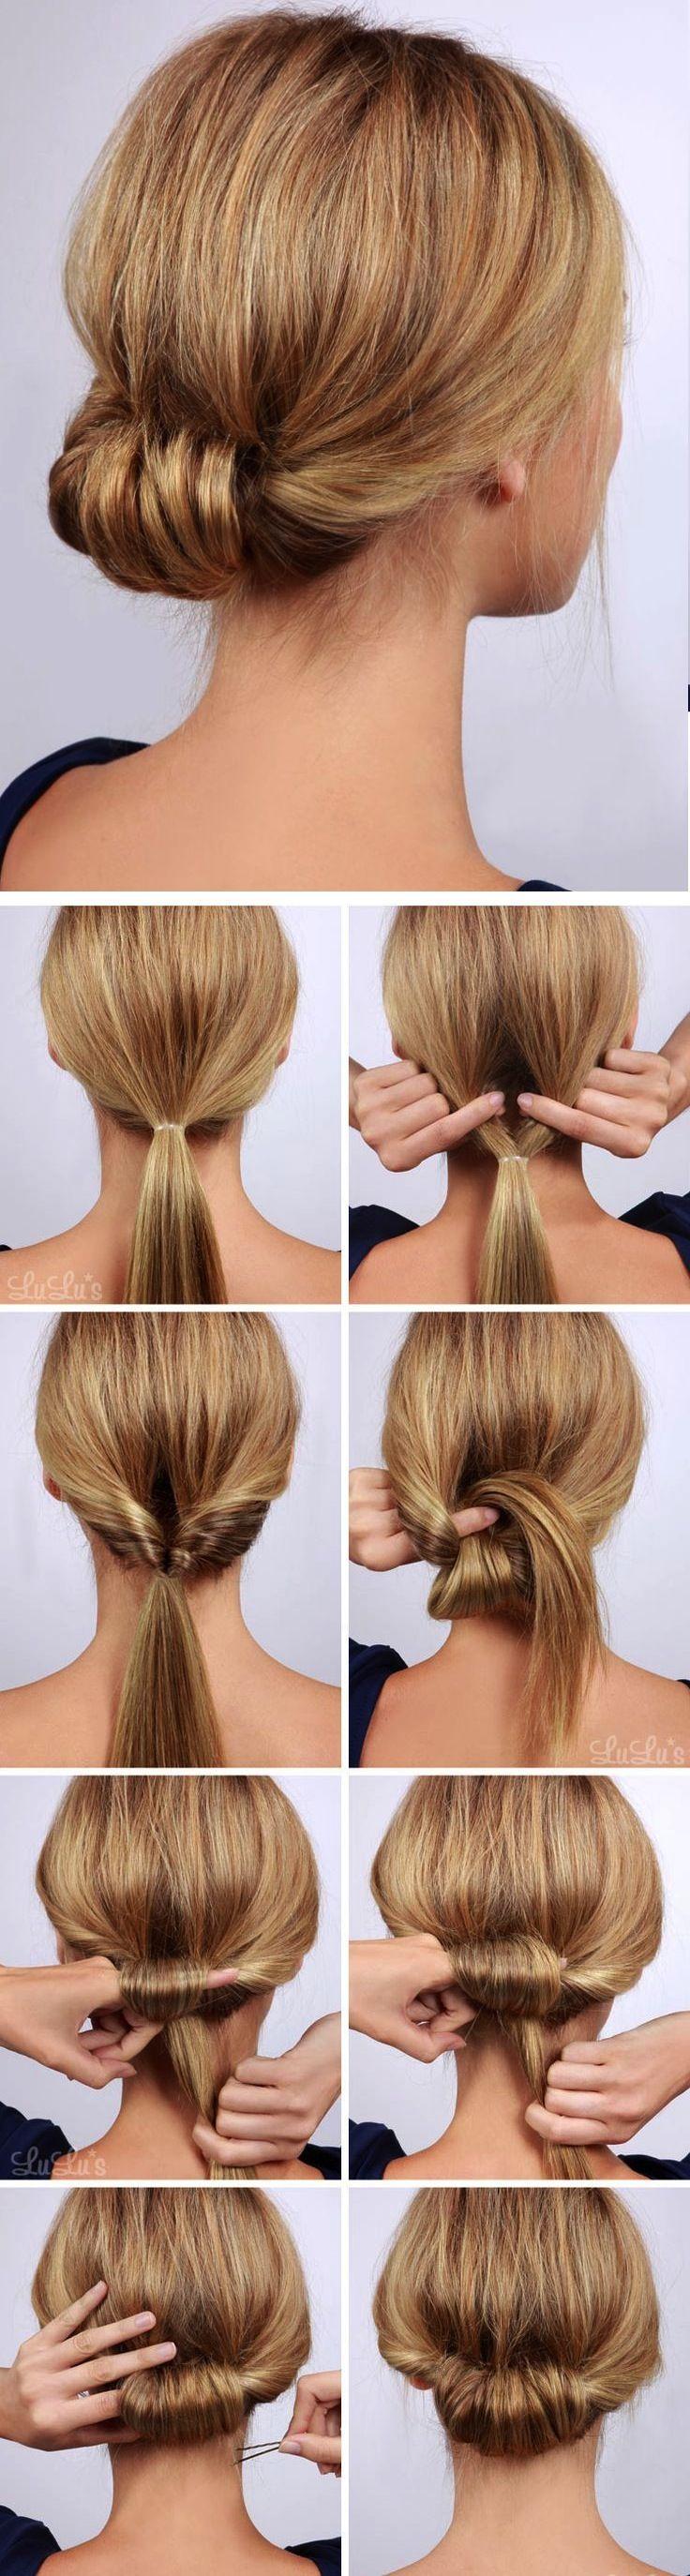 82 best hair images on Pinterest